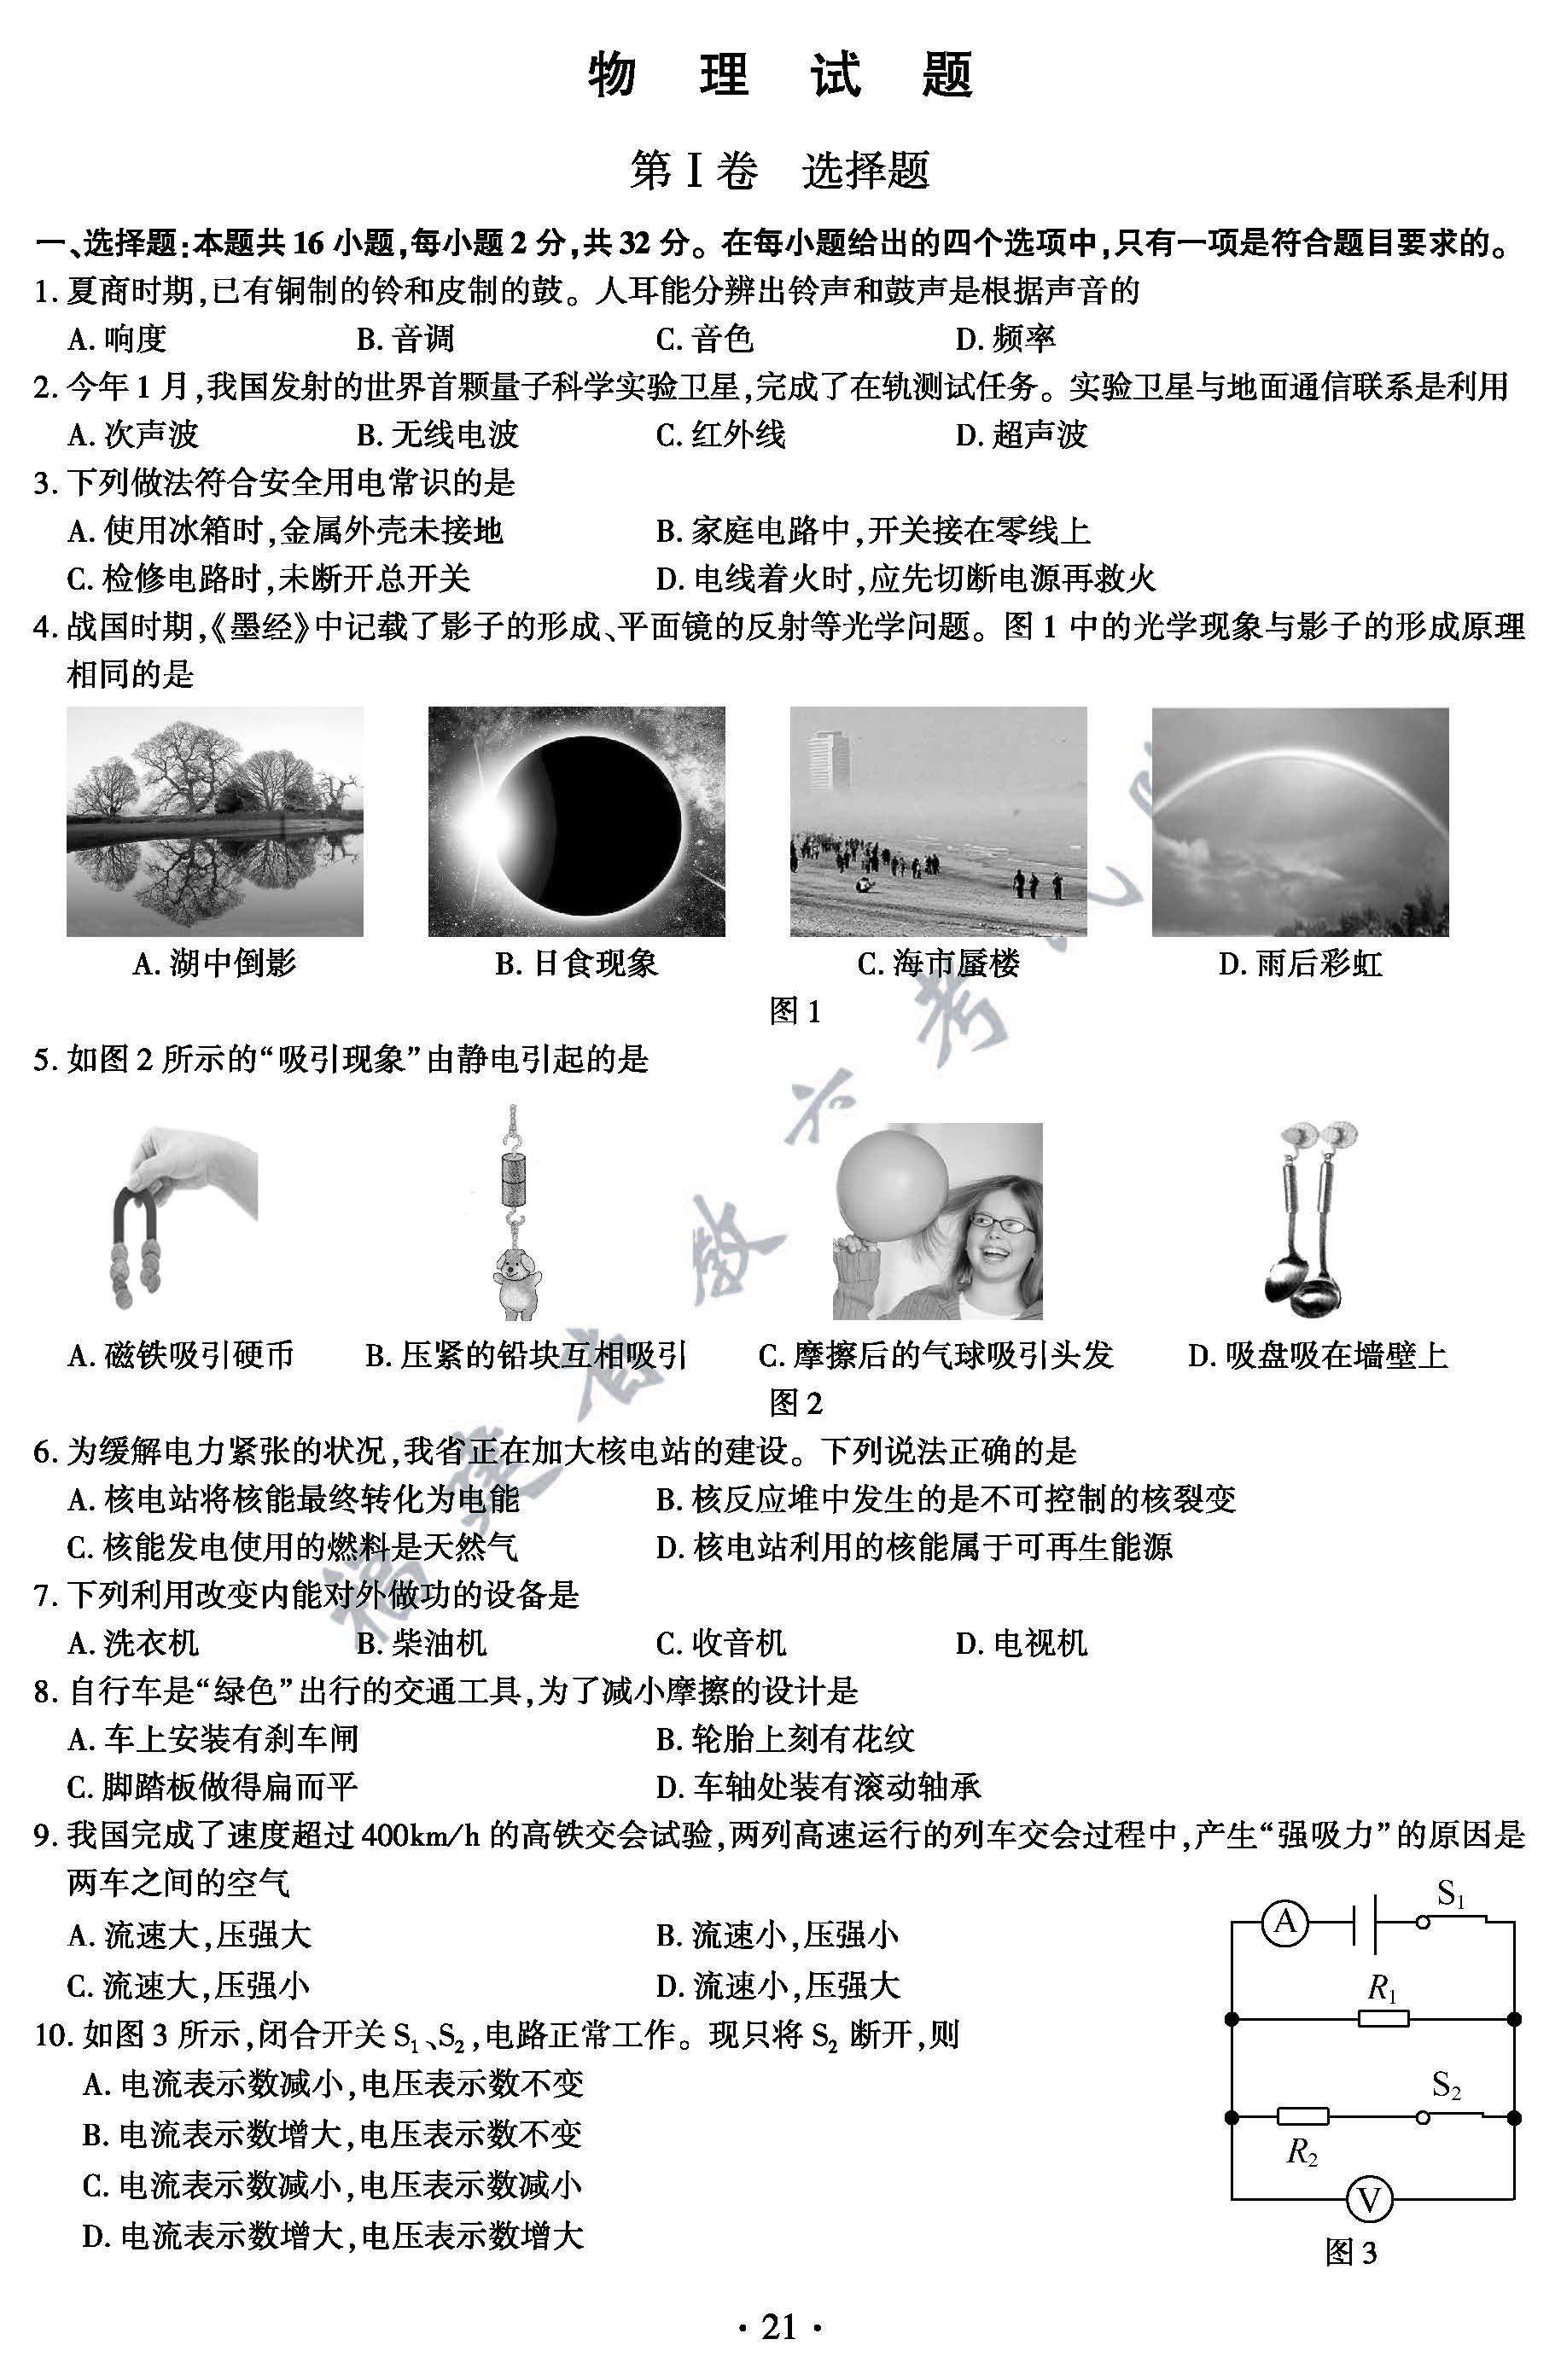 2017福建中考物理试题及答案解析(图片版含答案)